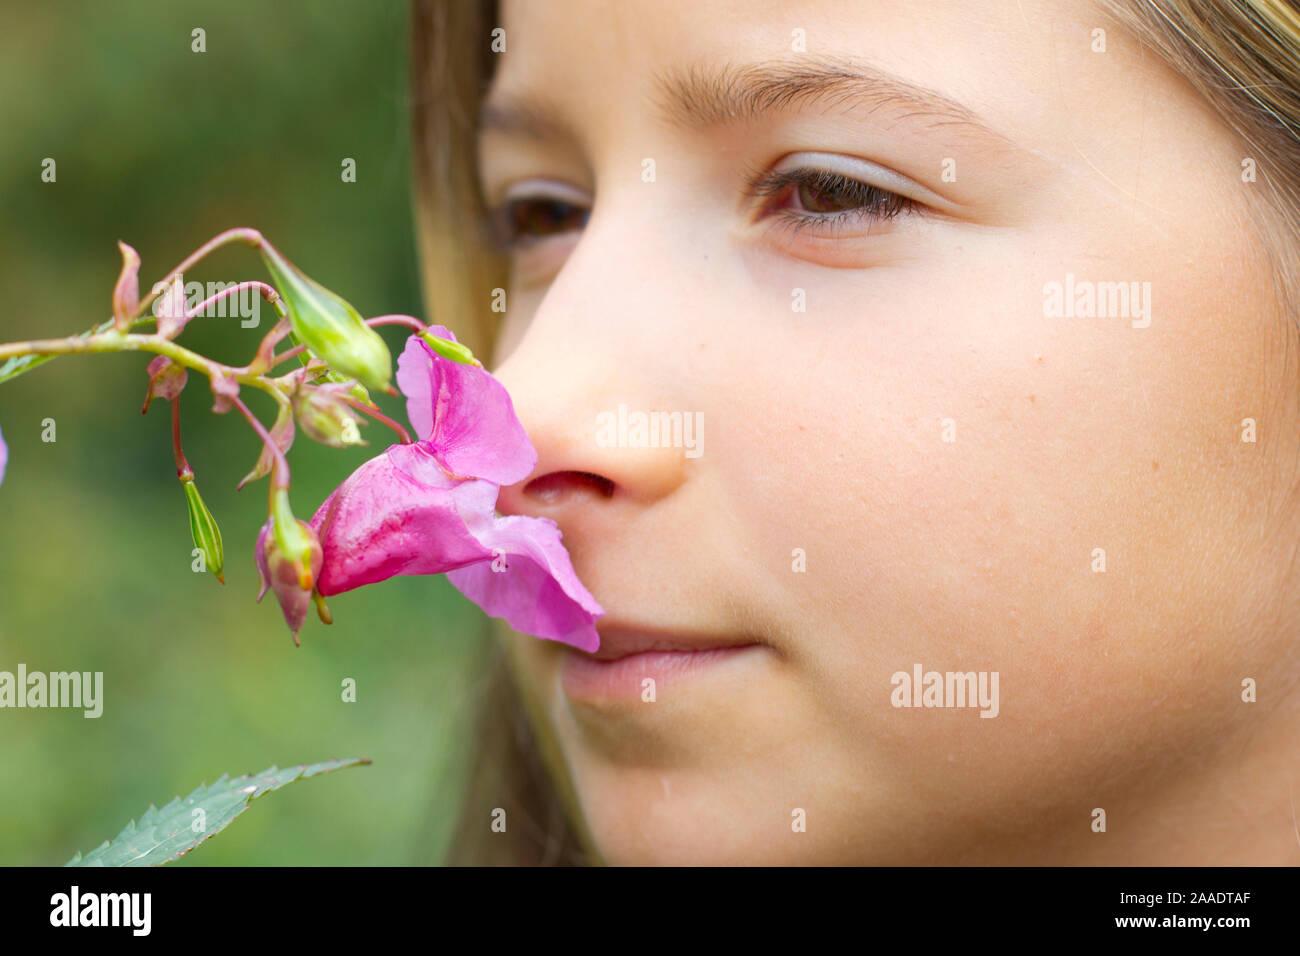 Impatiens glandulifera, Drüsiges Springkraut, Indisches Springkraut, Himalaya-Balsamine, Bauernorchidee, Familie der Balsaminengewächse (balsaminaceae) Stockfoto